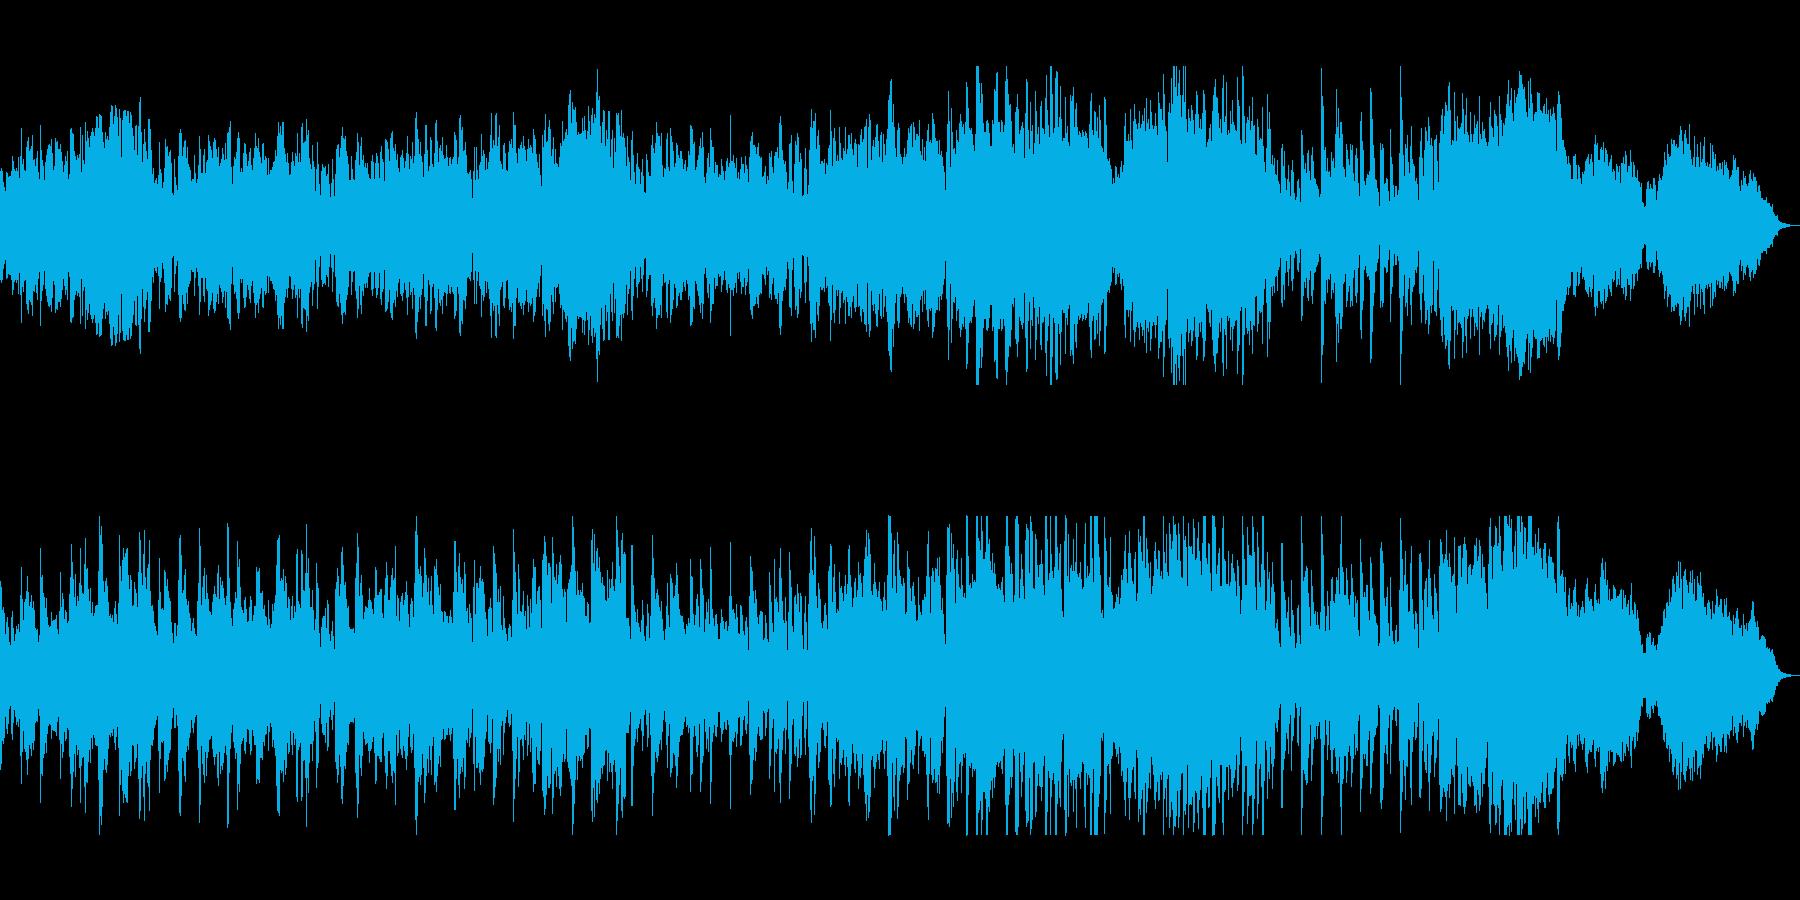 軽快で爽やかなヒーリングミュージックの再生済みの波形